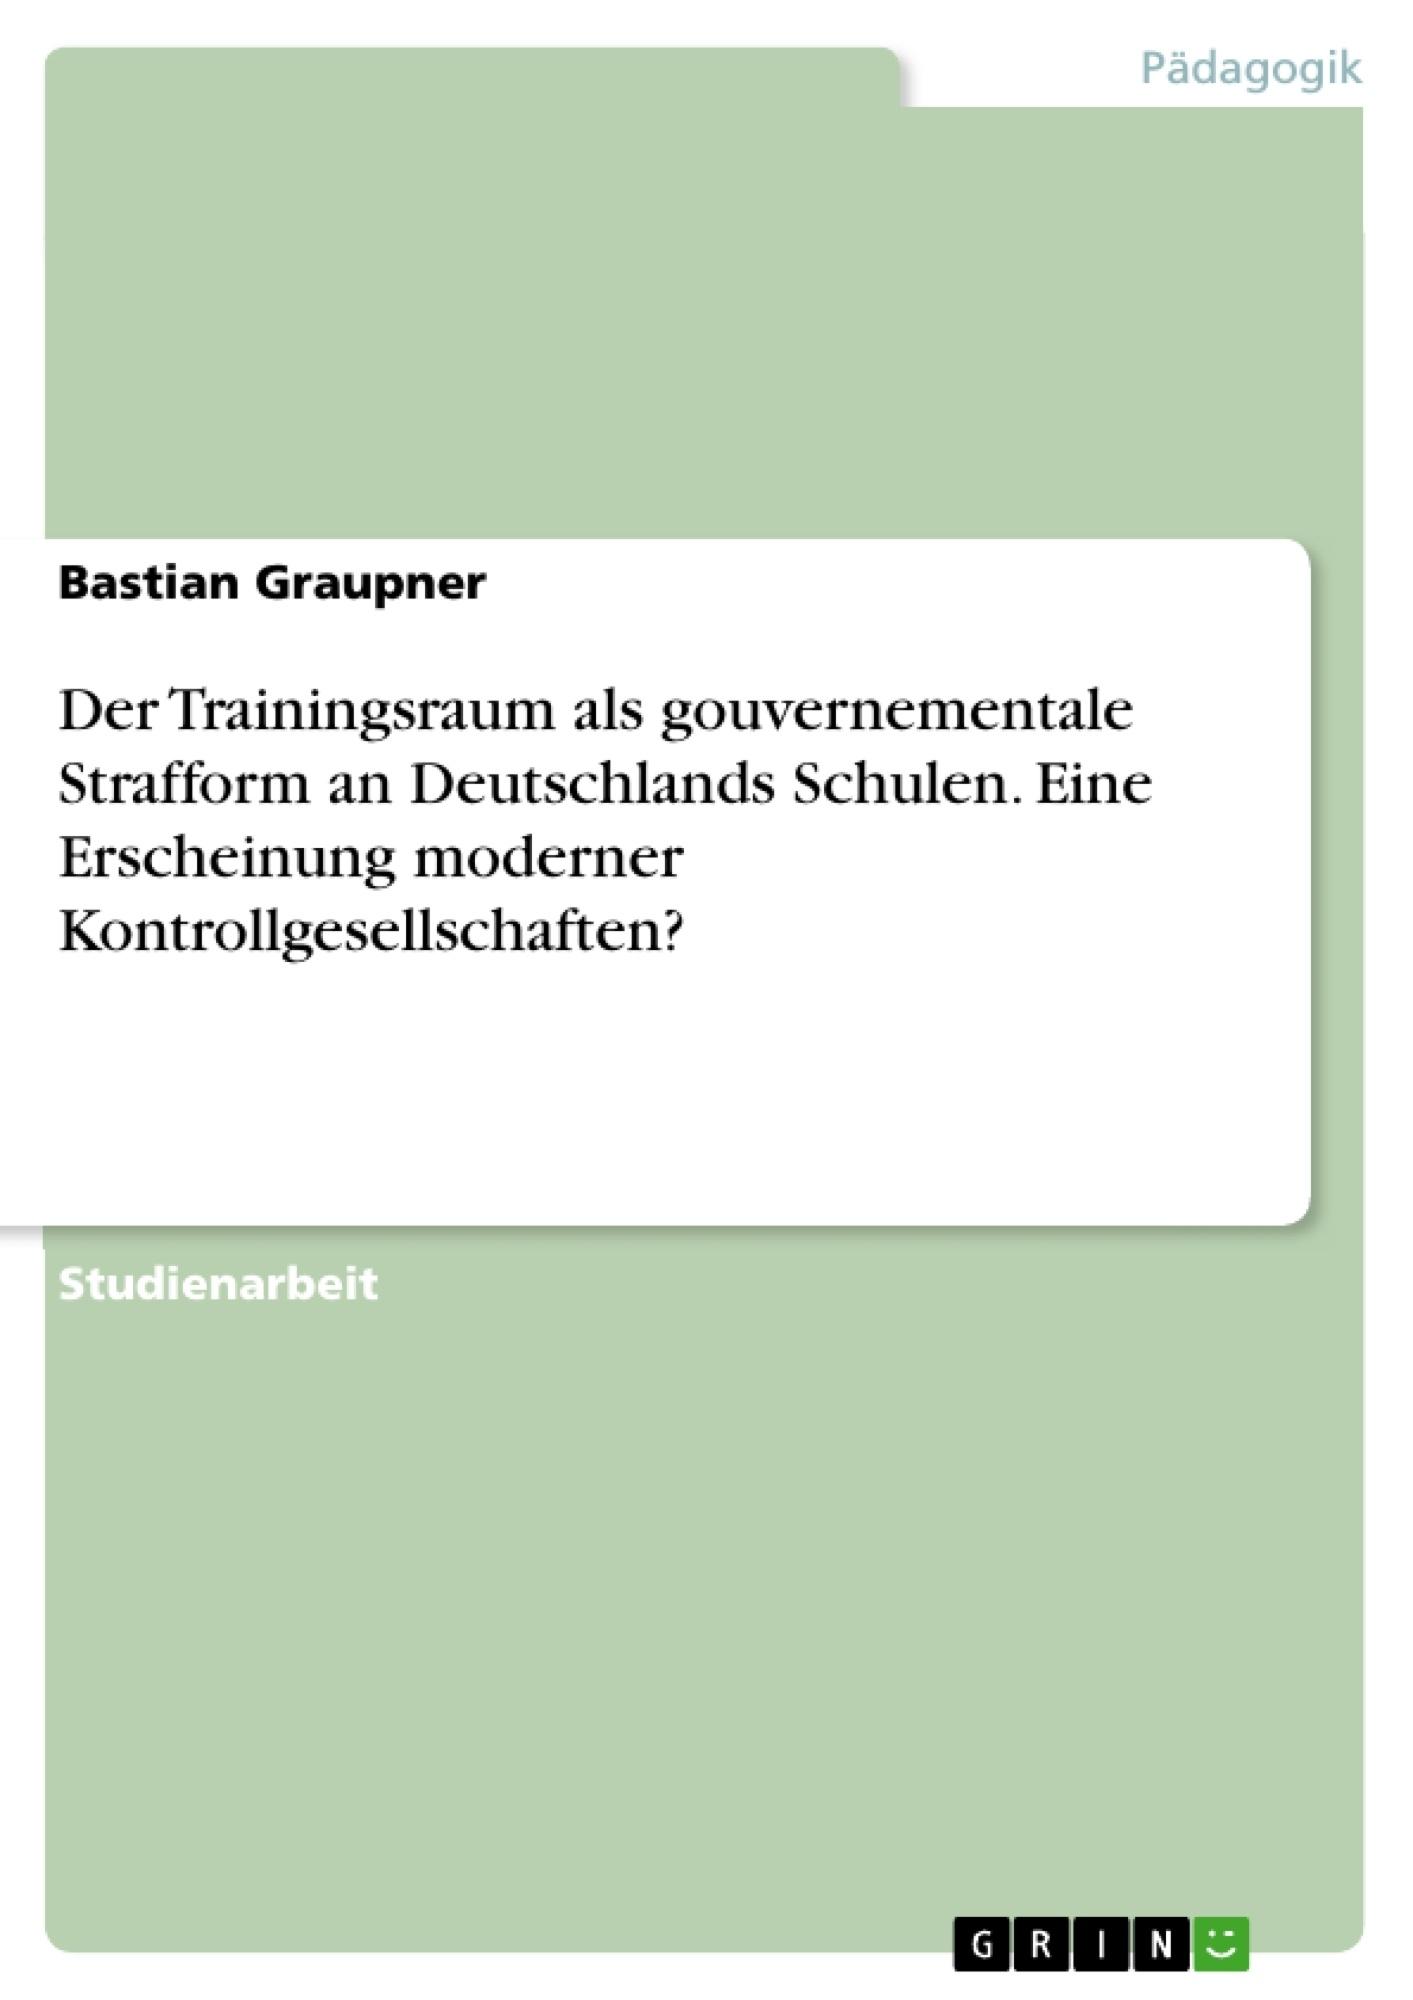 Titel: Der Trainingsraum als gouvernementale Strafform an Deutschlands Schulen. Eine Erscheinung moderner Kontrollgesellschaften?